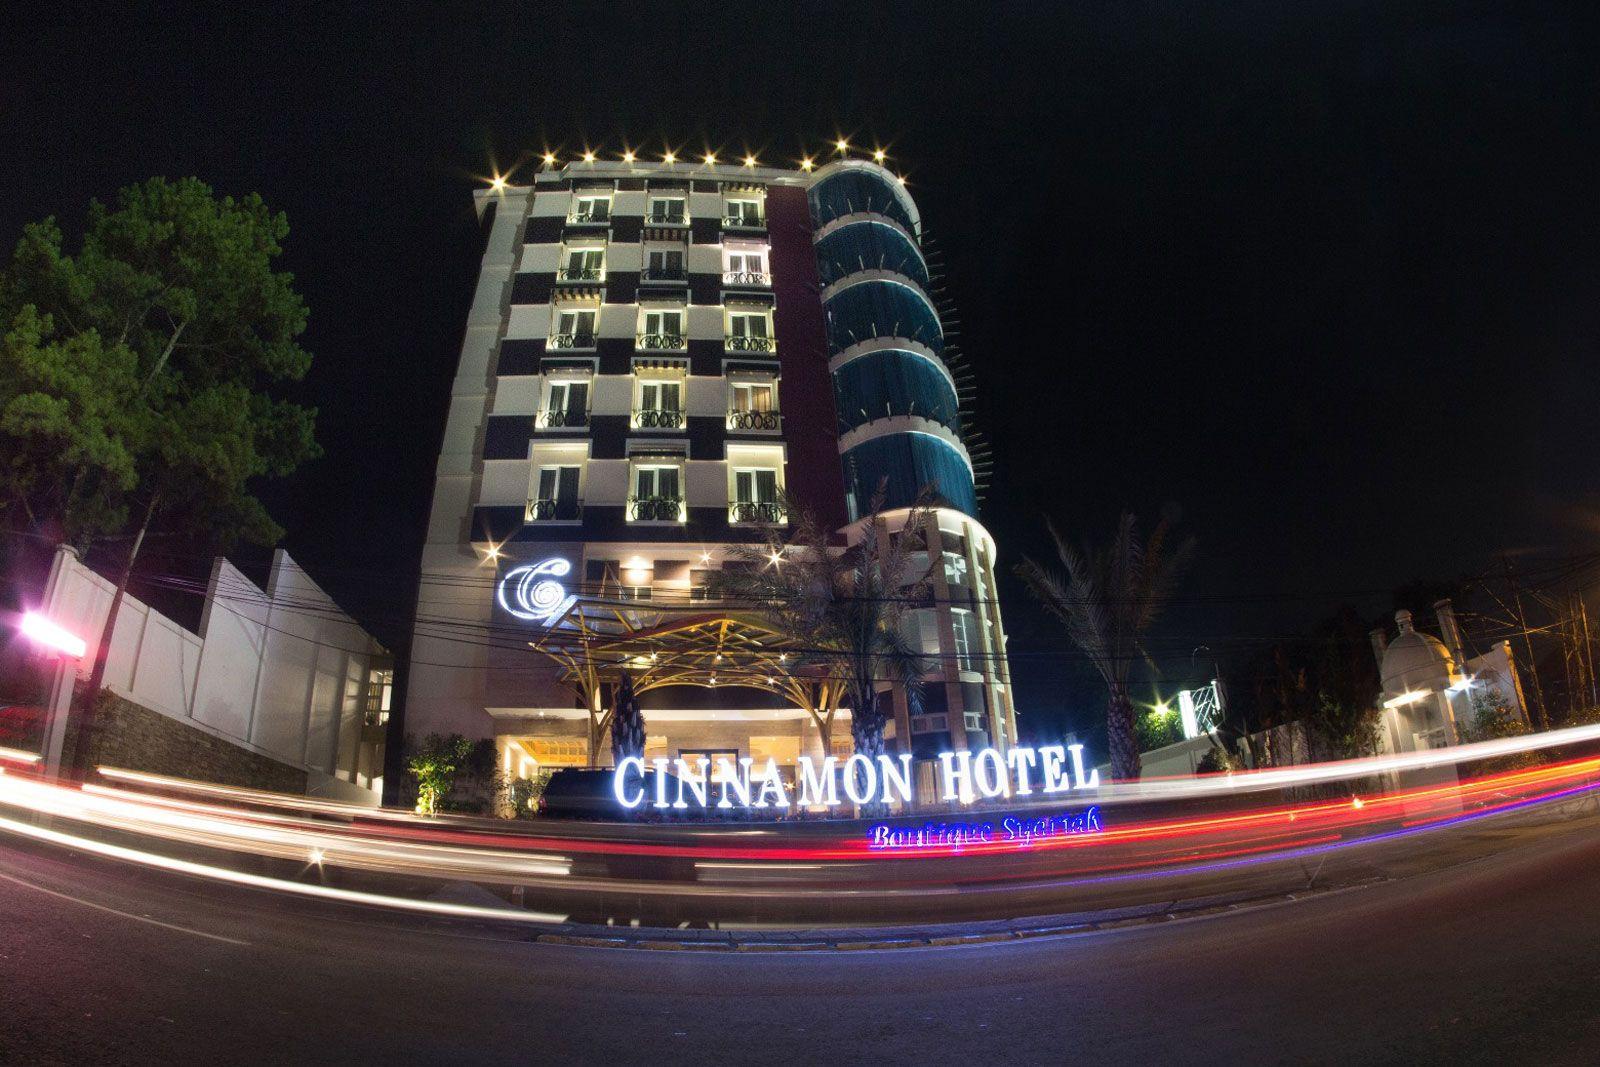 Cinnamon Hotel Boutique Syariah